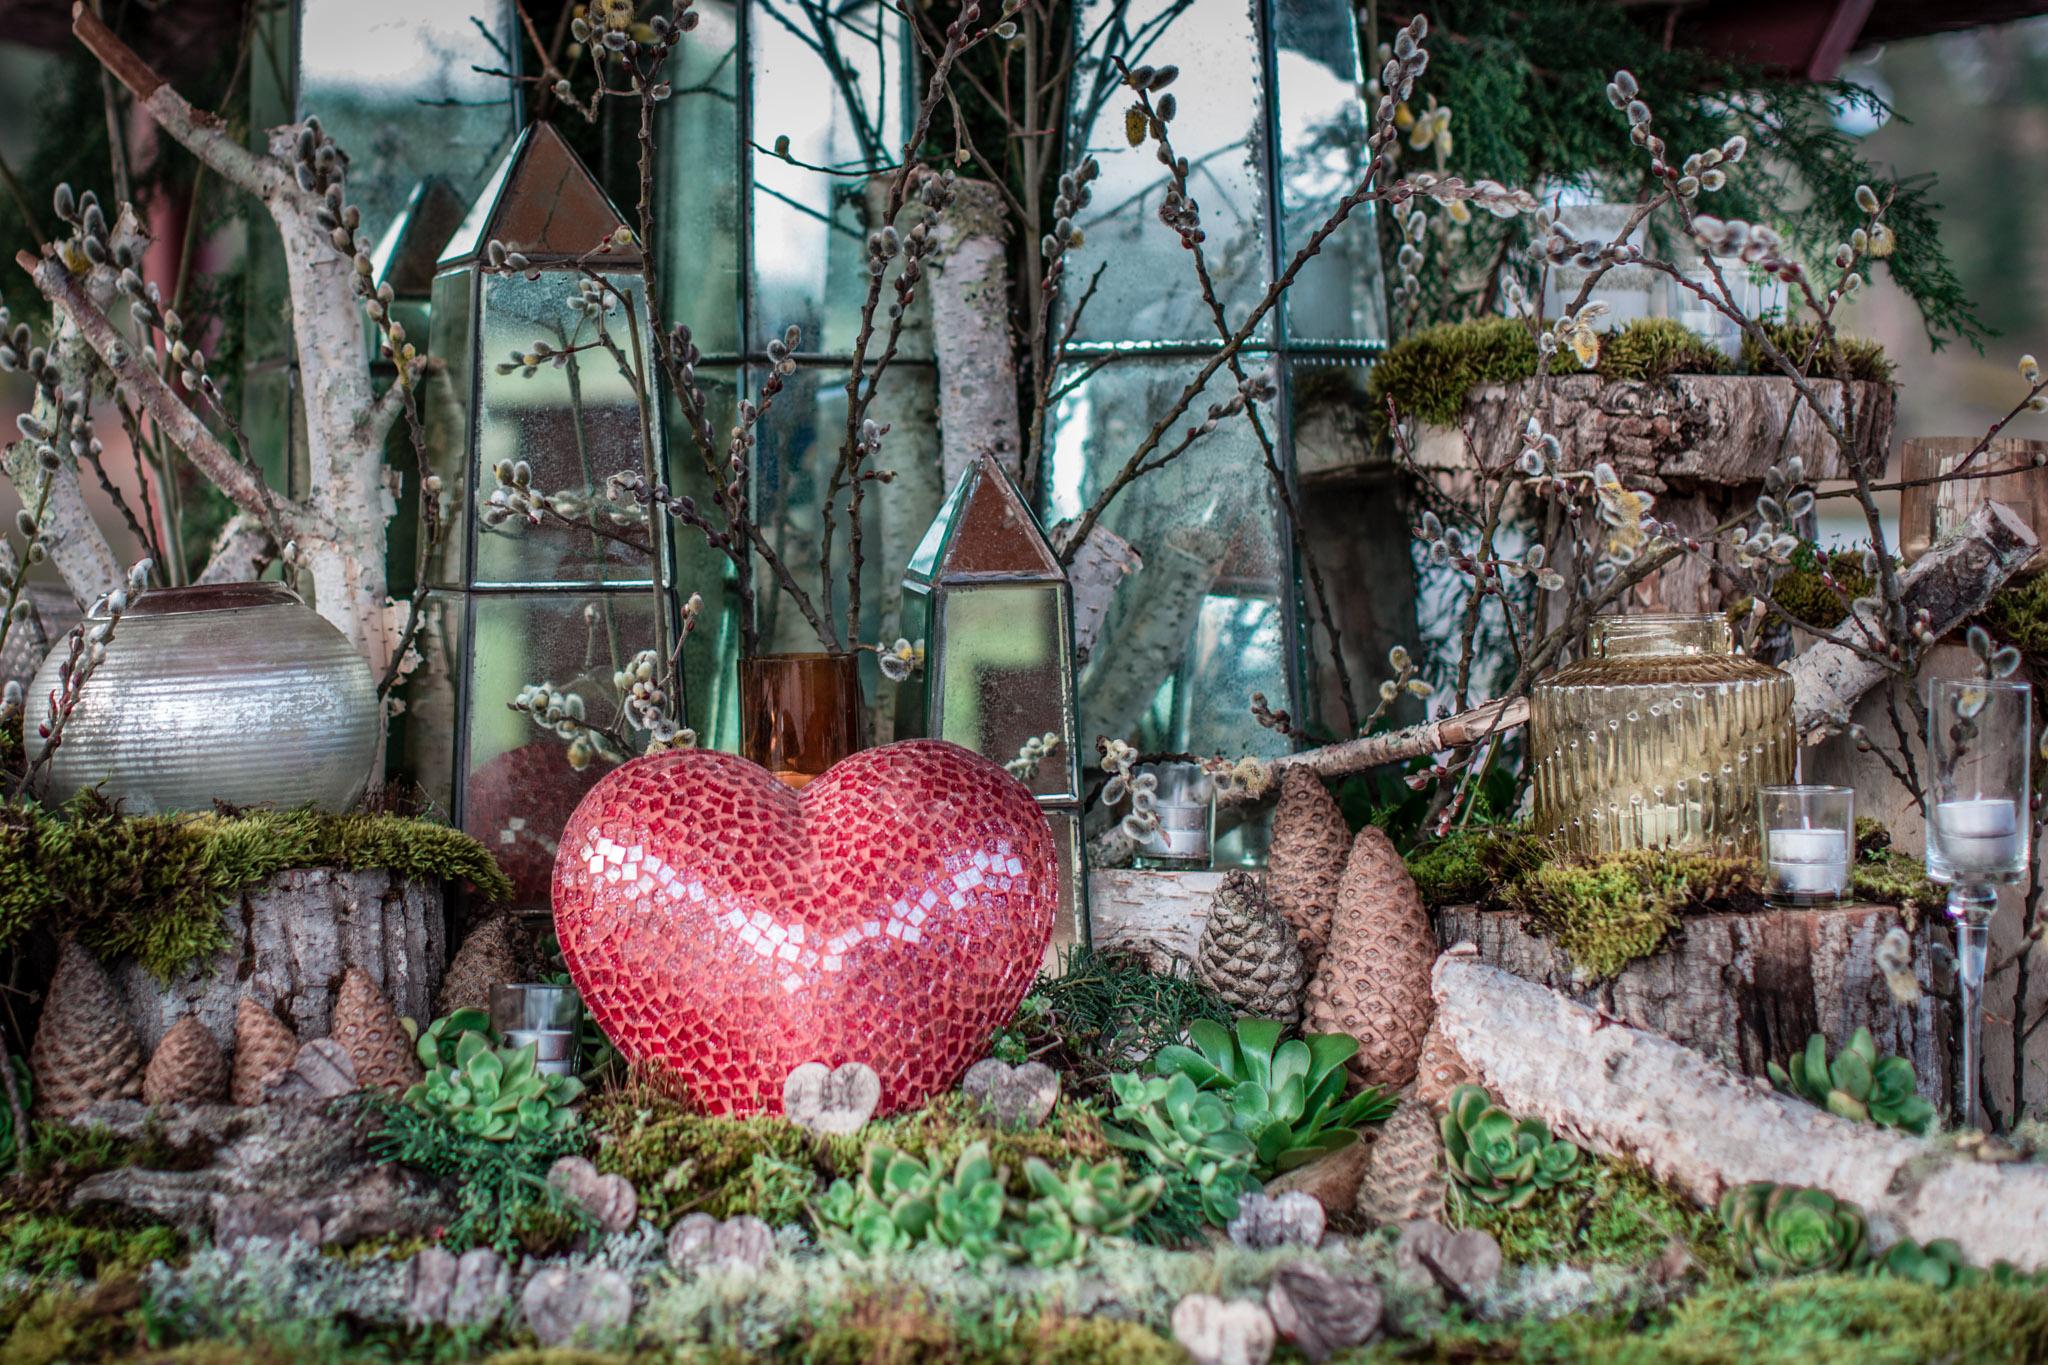 Enchanted Forest - Blake and TalithaLinga Long EstateTenacious Photography